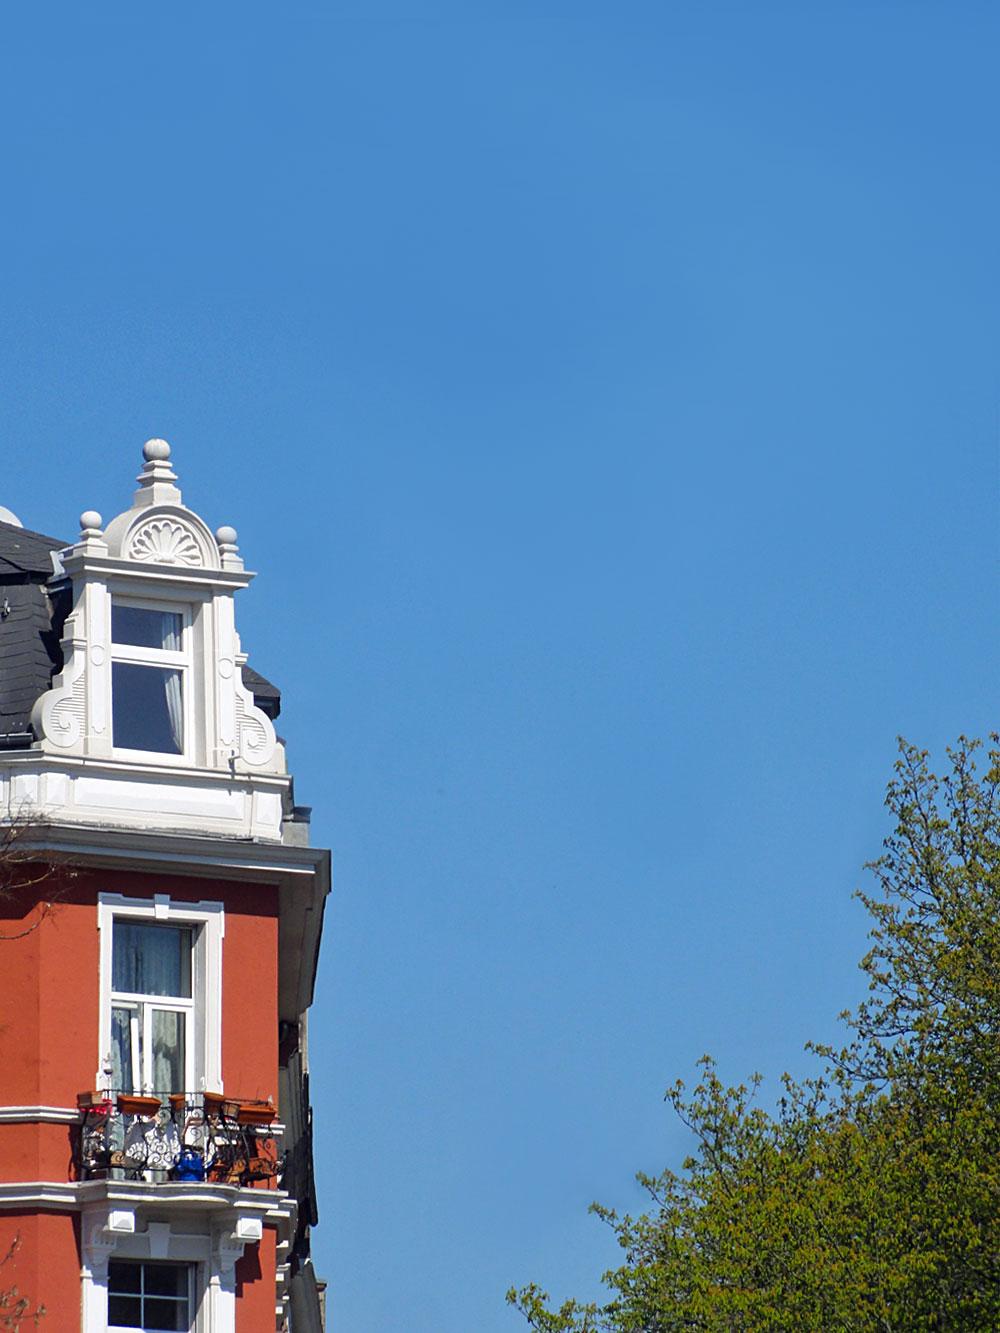 Klarer blauer Himmel mit Gruenderzeithaus im Nordend